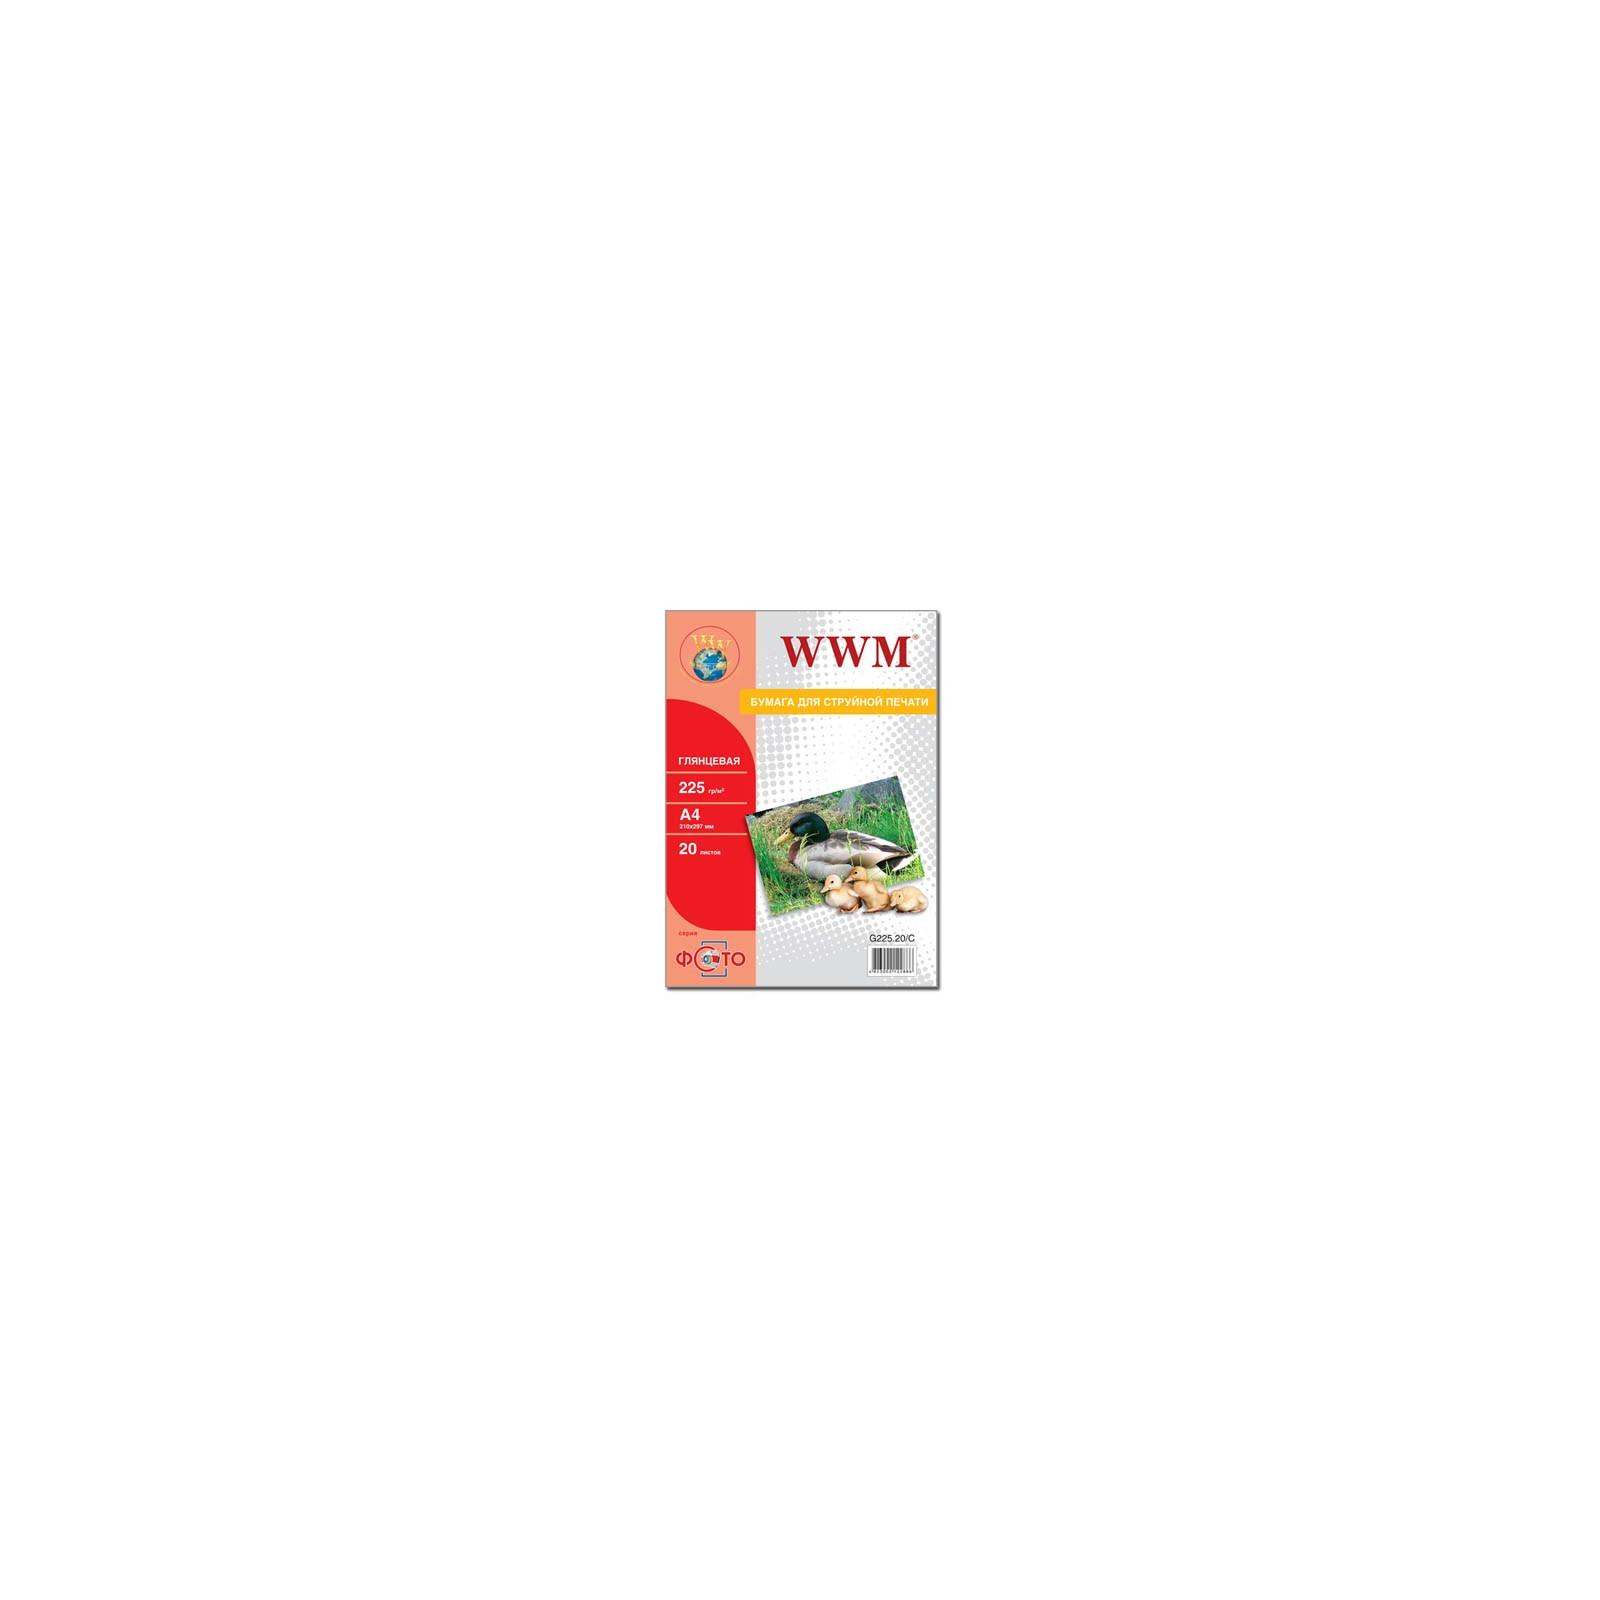 Бумага WWM A4 (G225.20/ G225.20/С)